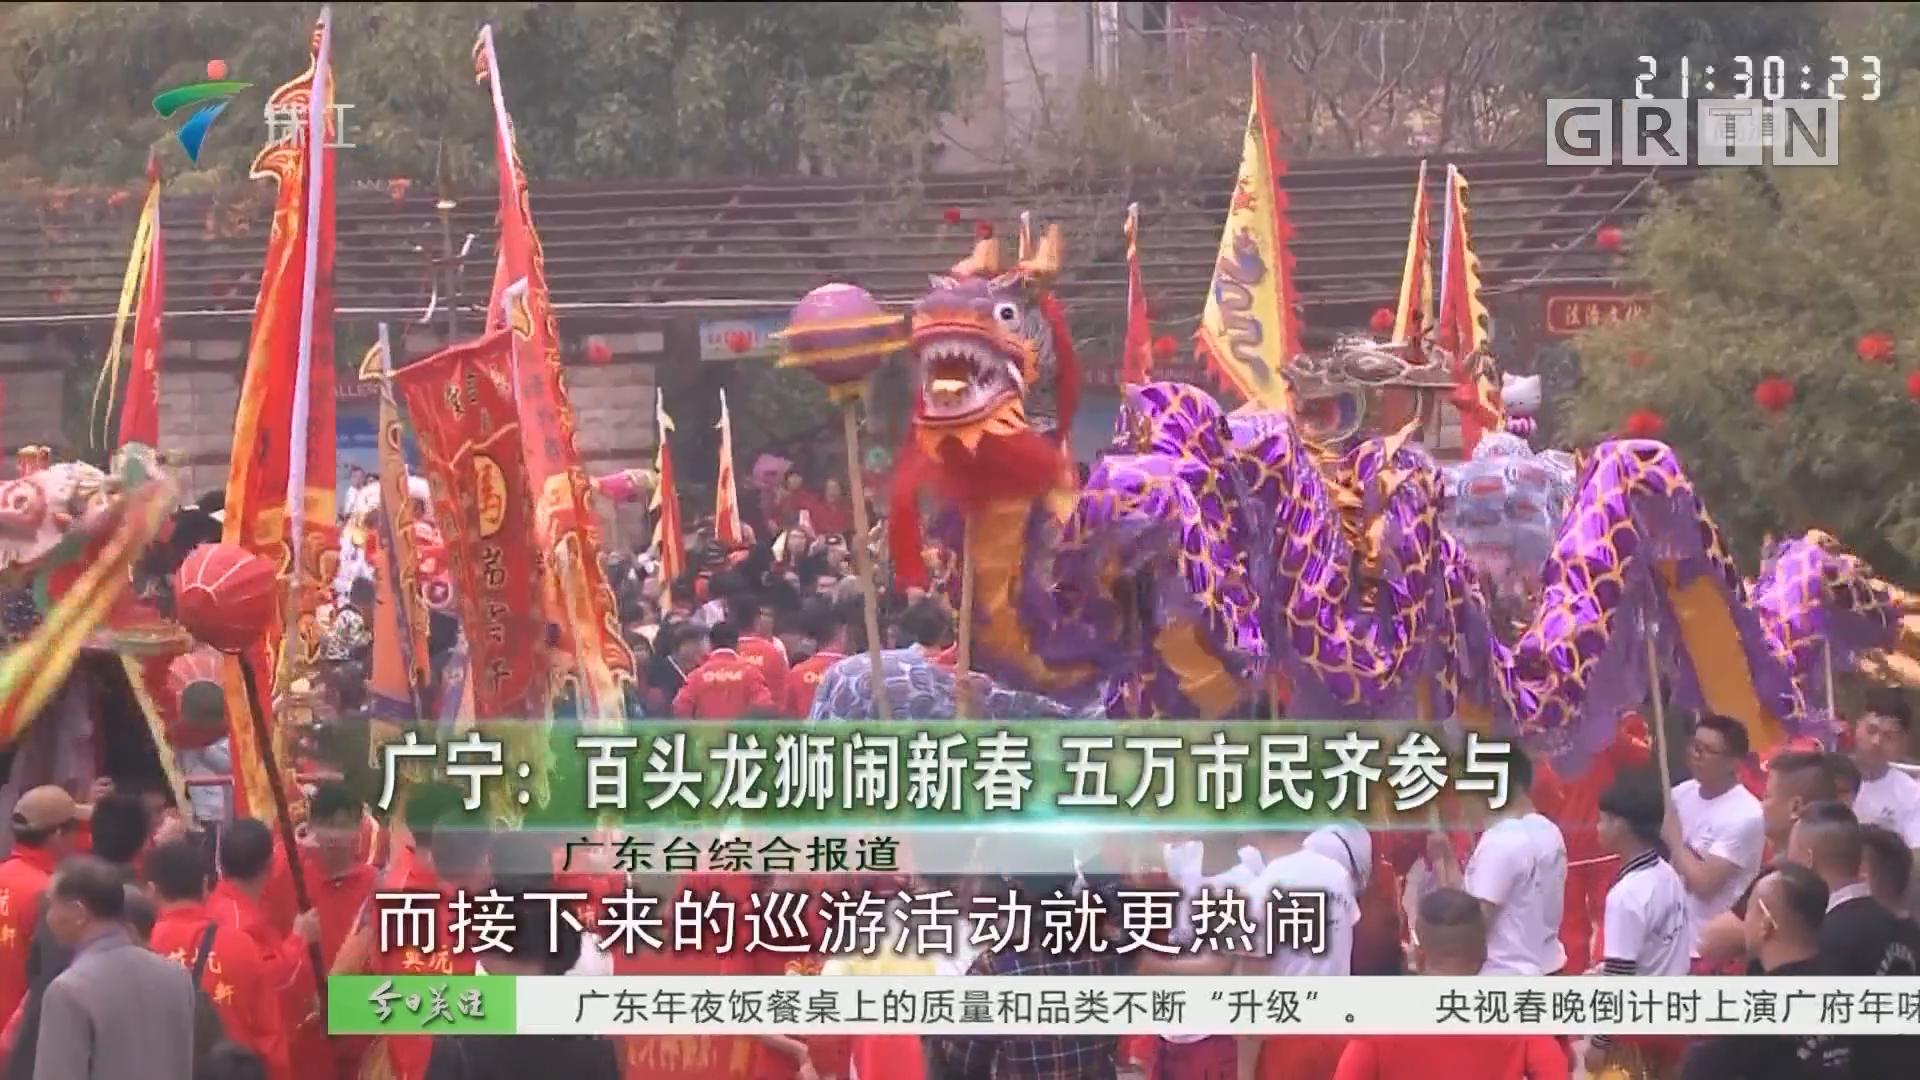 广宁:百头龙狮闹新春 五万市民齐参与